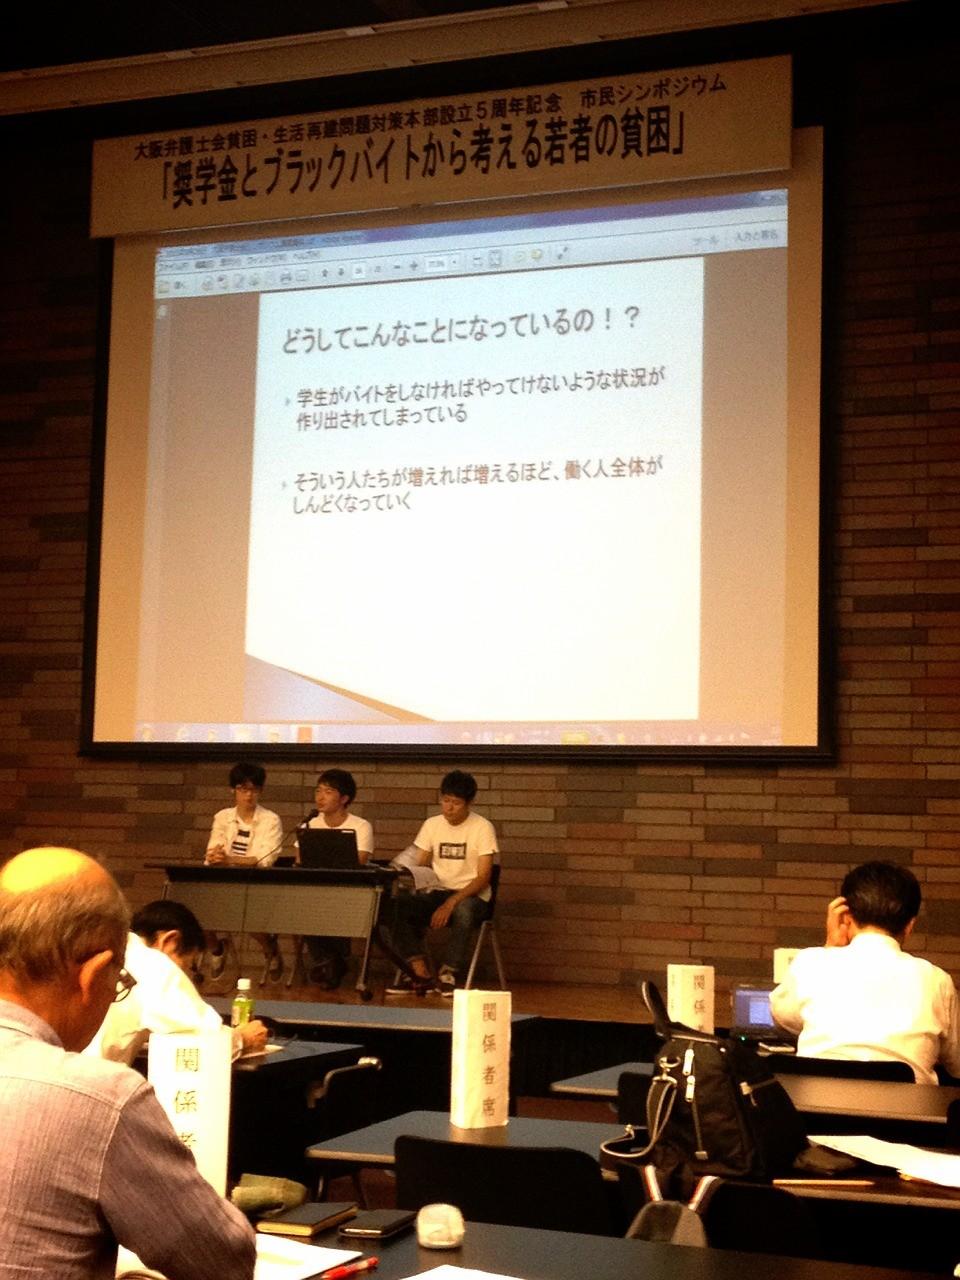 大阪弁護士会シンポジウム②(2015/9/26)